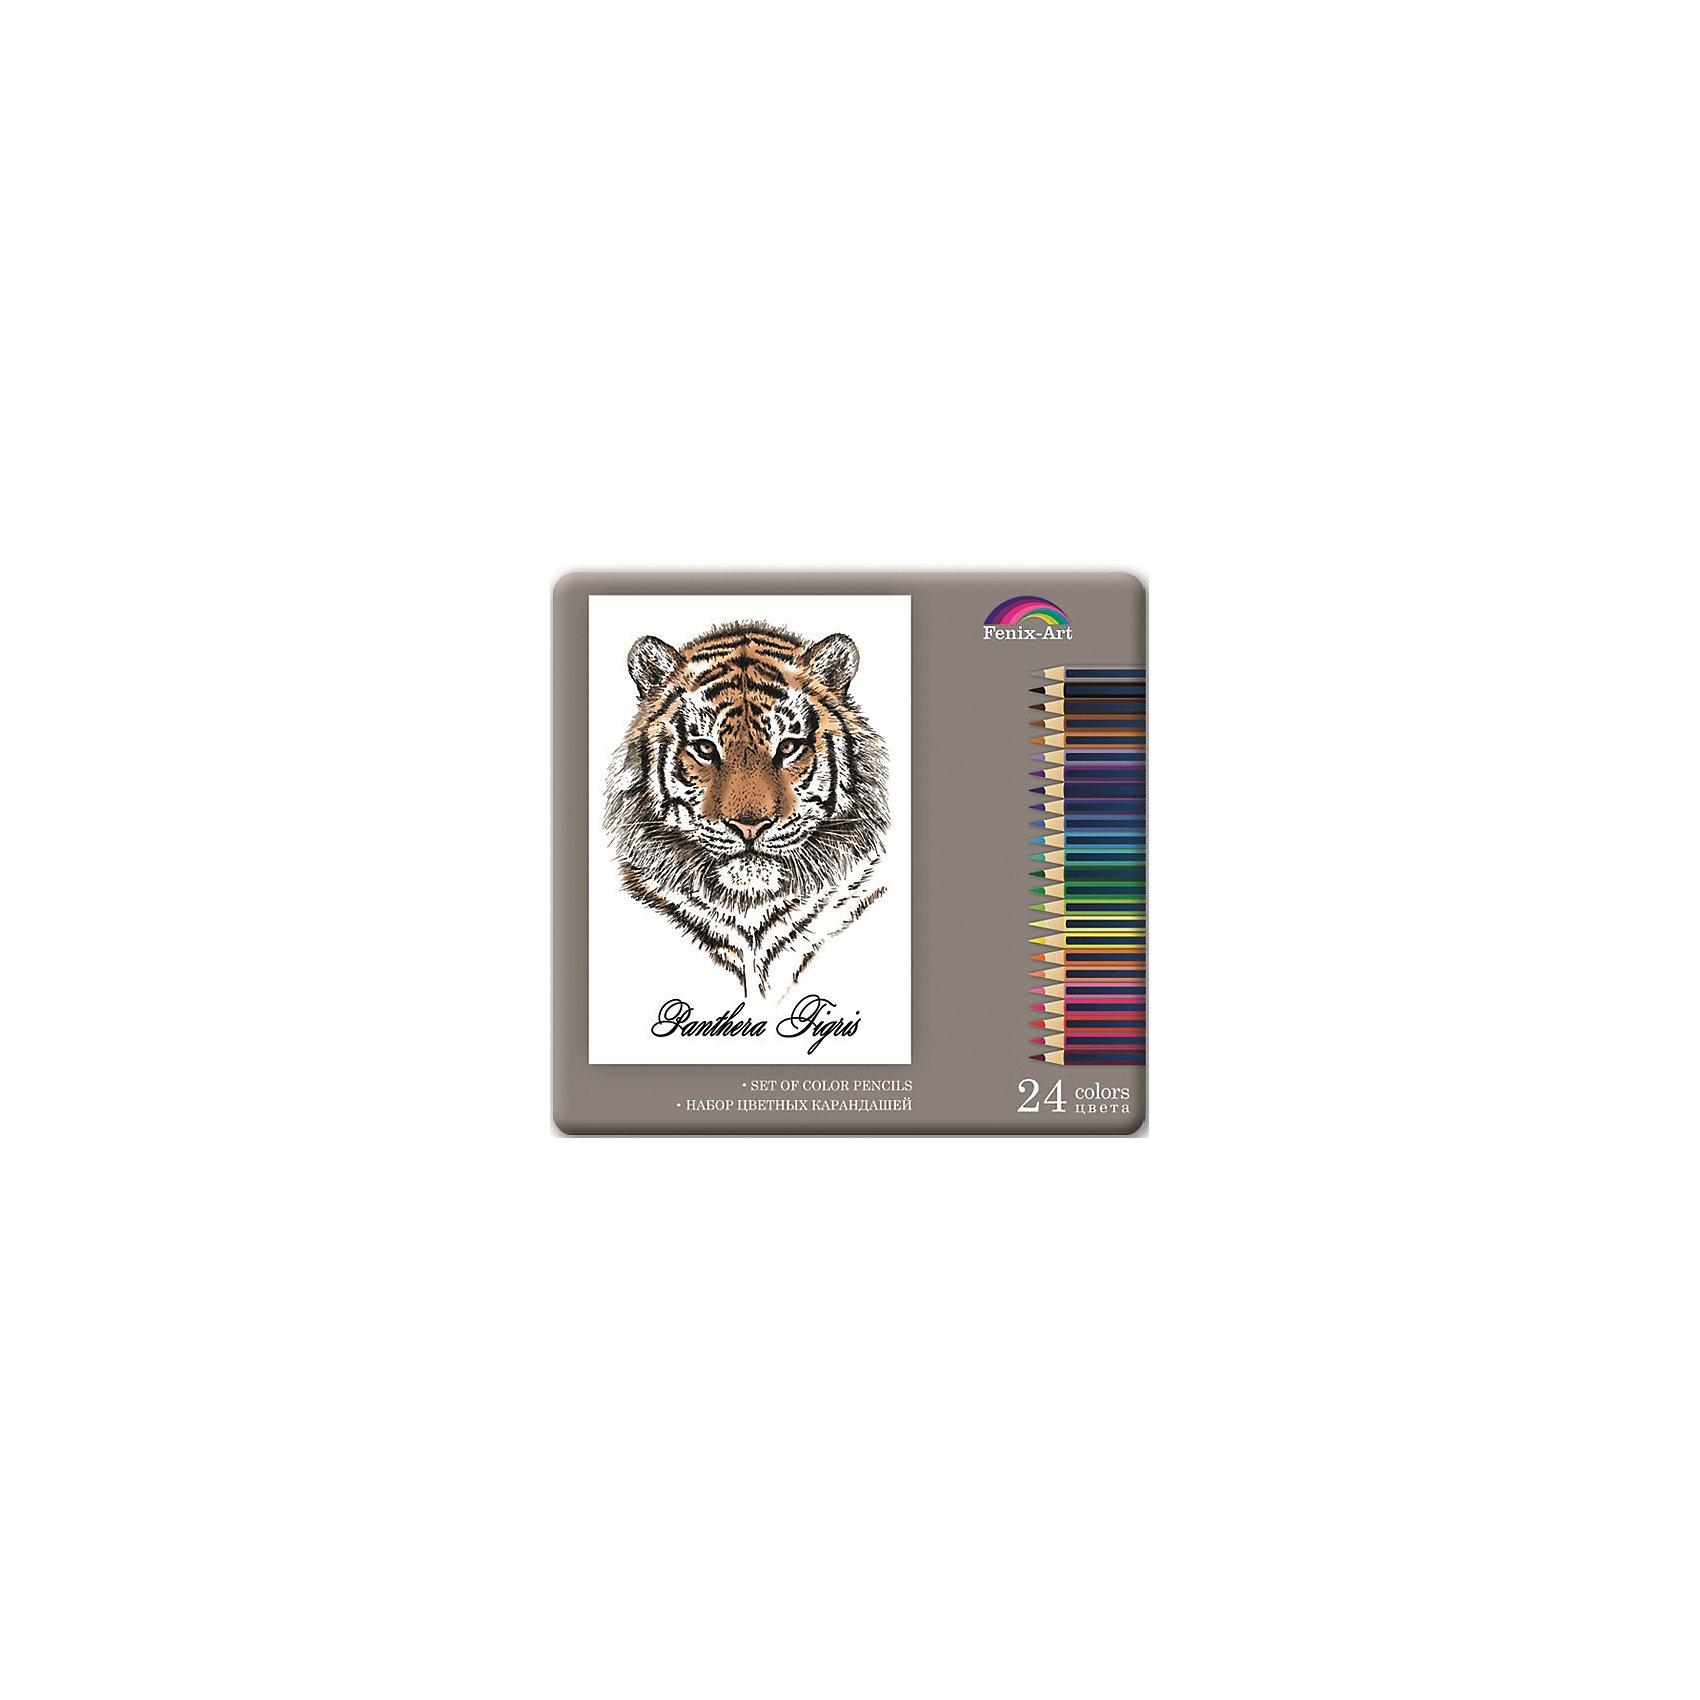 Феникс+ Набор цветных карандашей Тигр, 24 шт. набор цветных карандашей maped color peps 12 шт 683212 в тубусе подставке